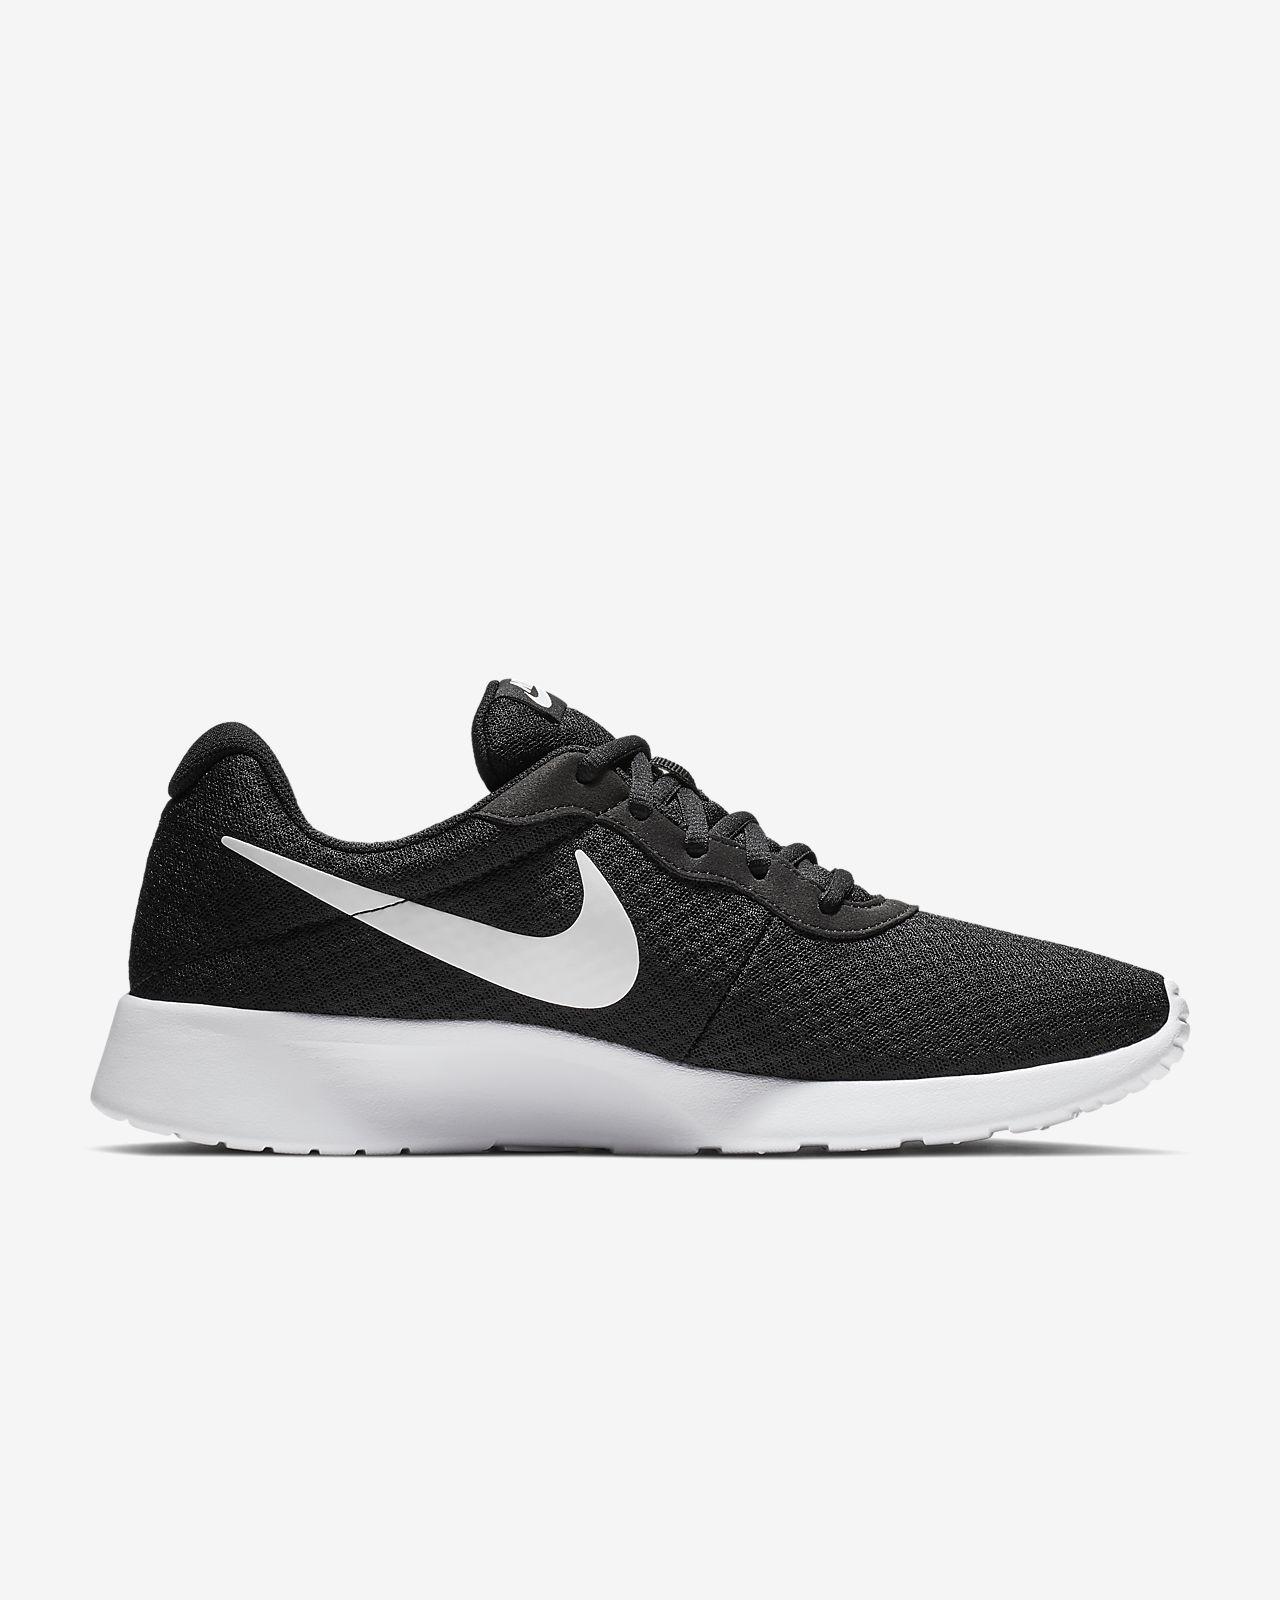 Details about Nike Tanjun 812654 011 Men's Sneakers